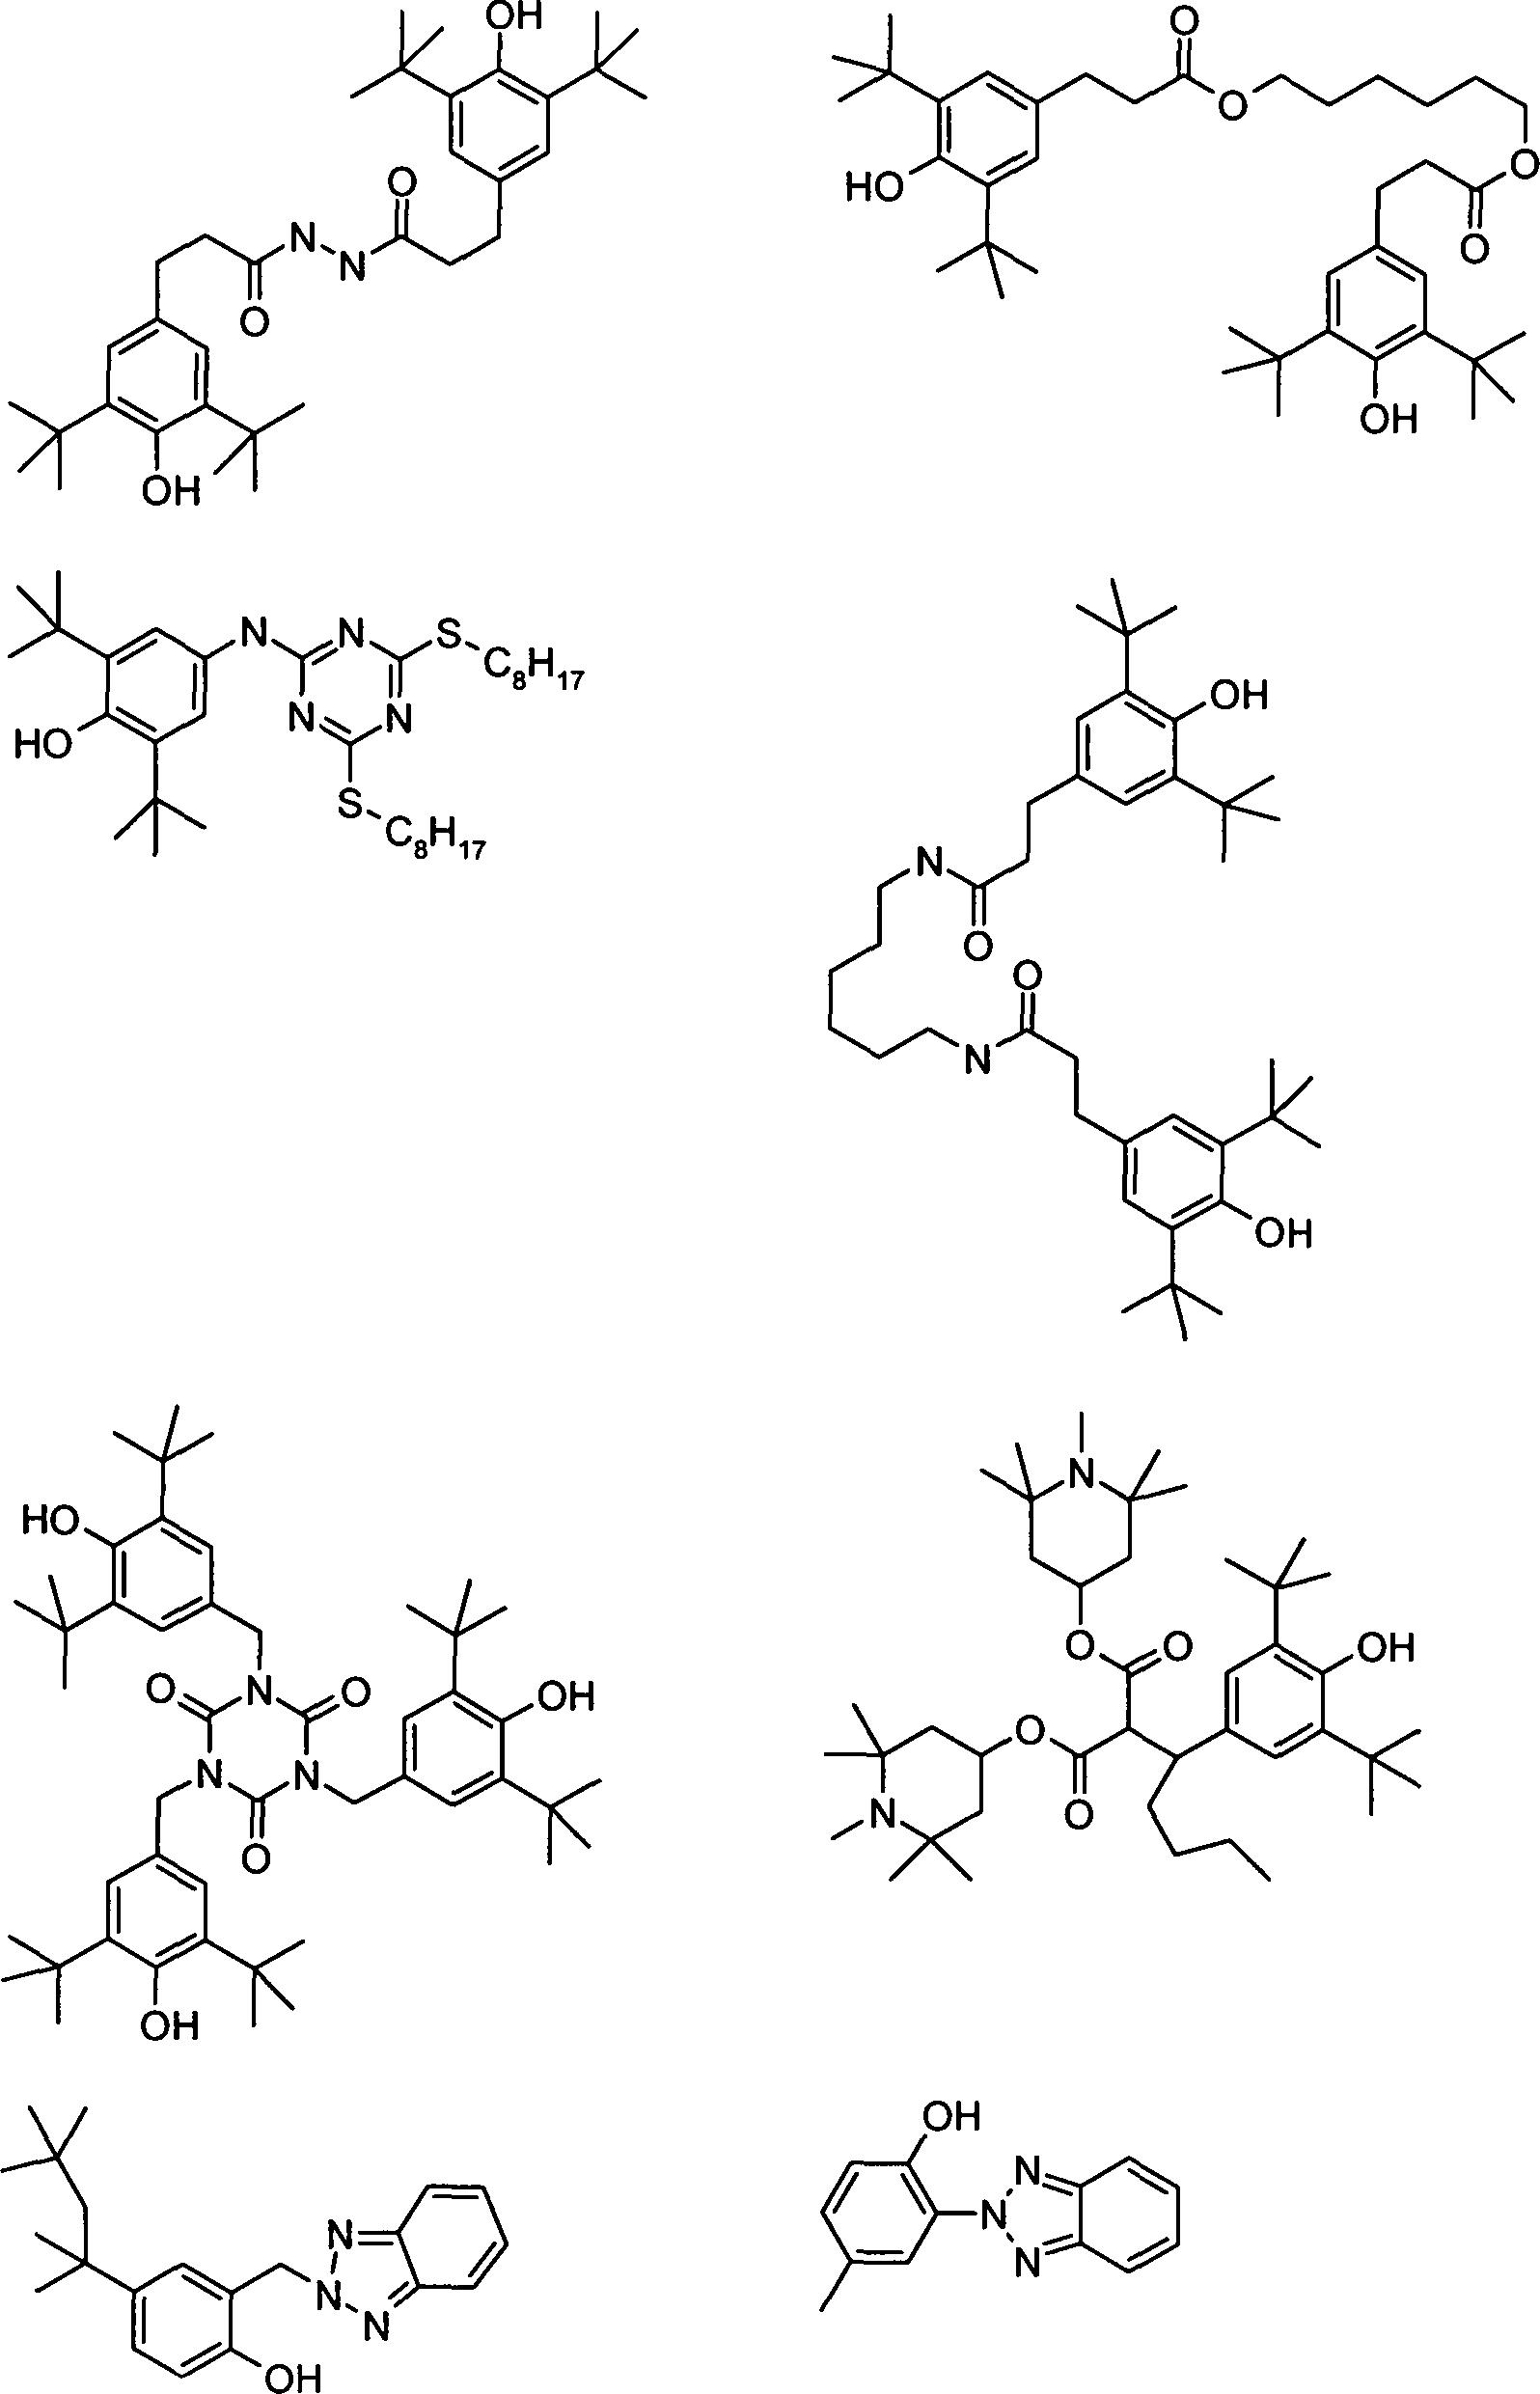 Figure DE102015008172A1_0072